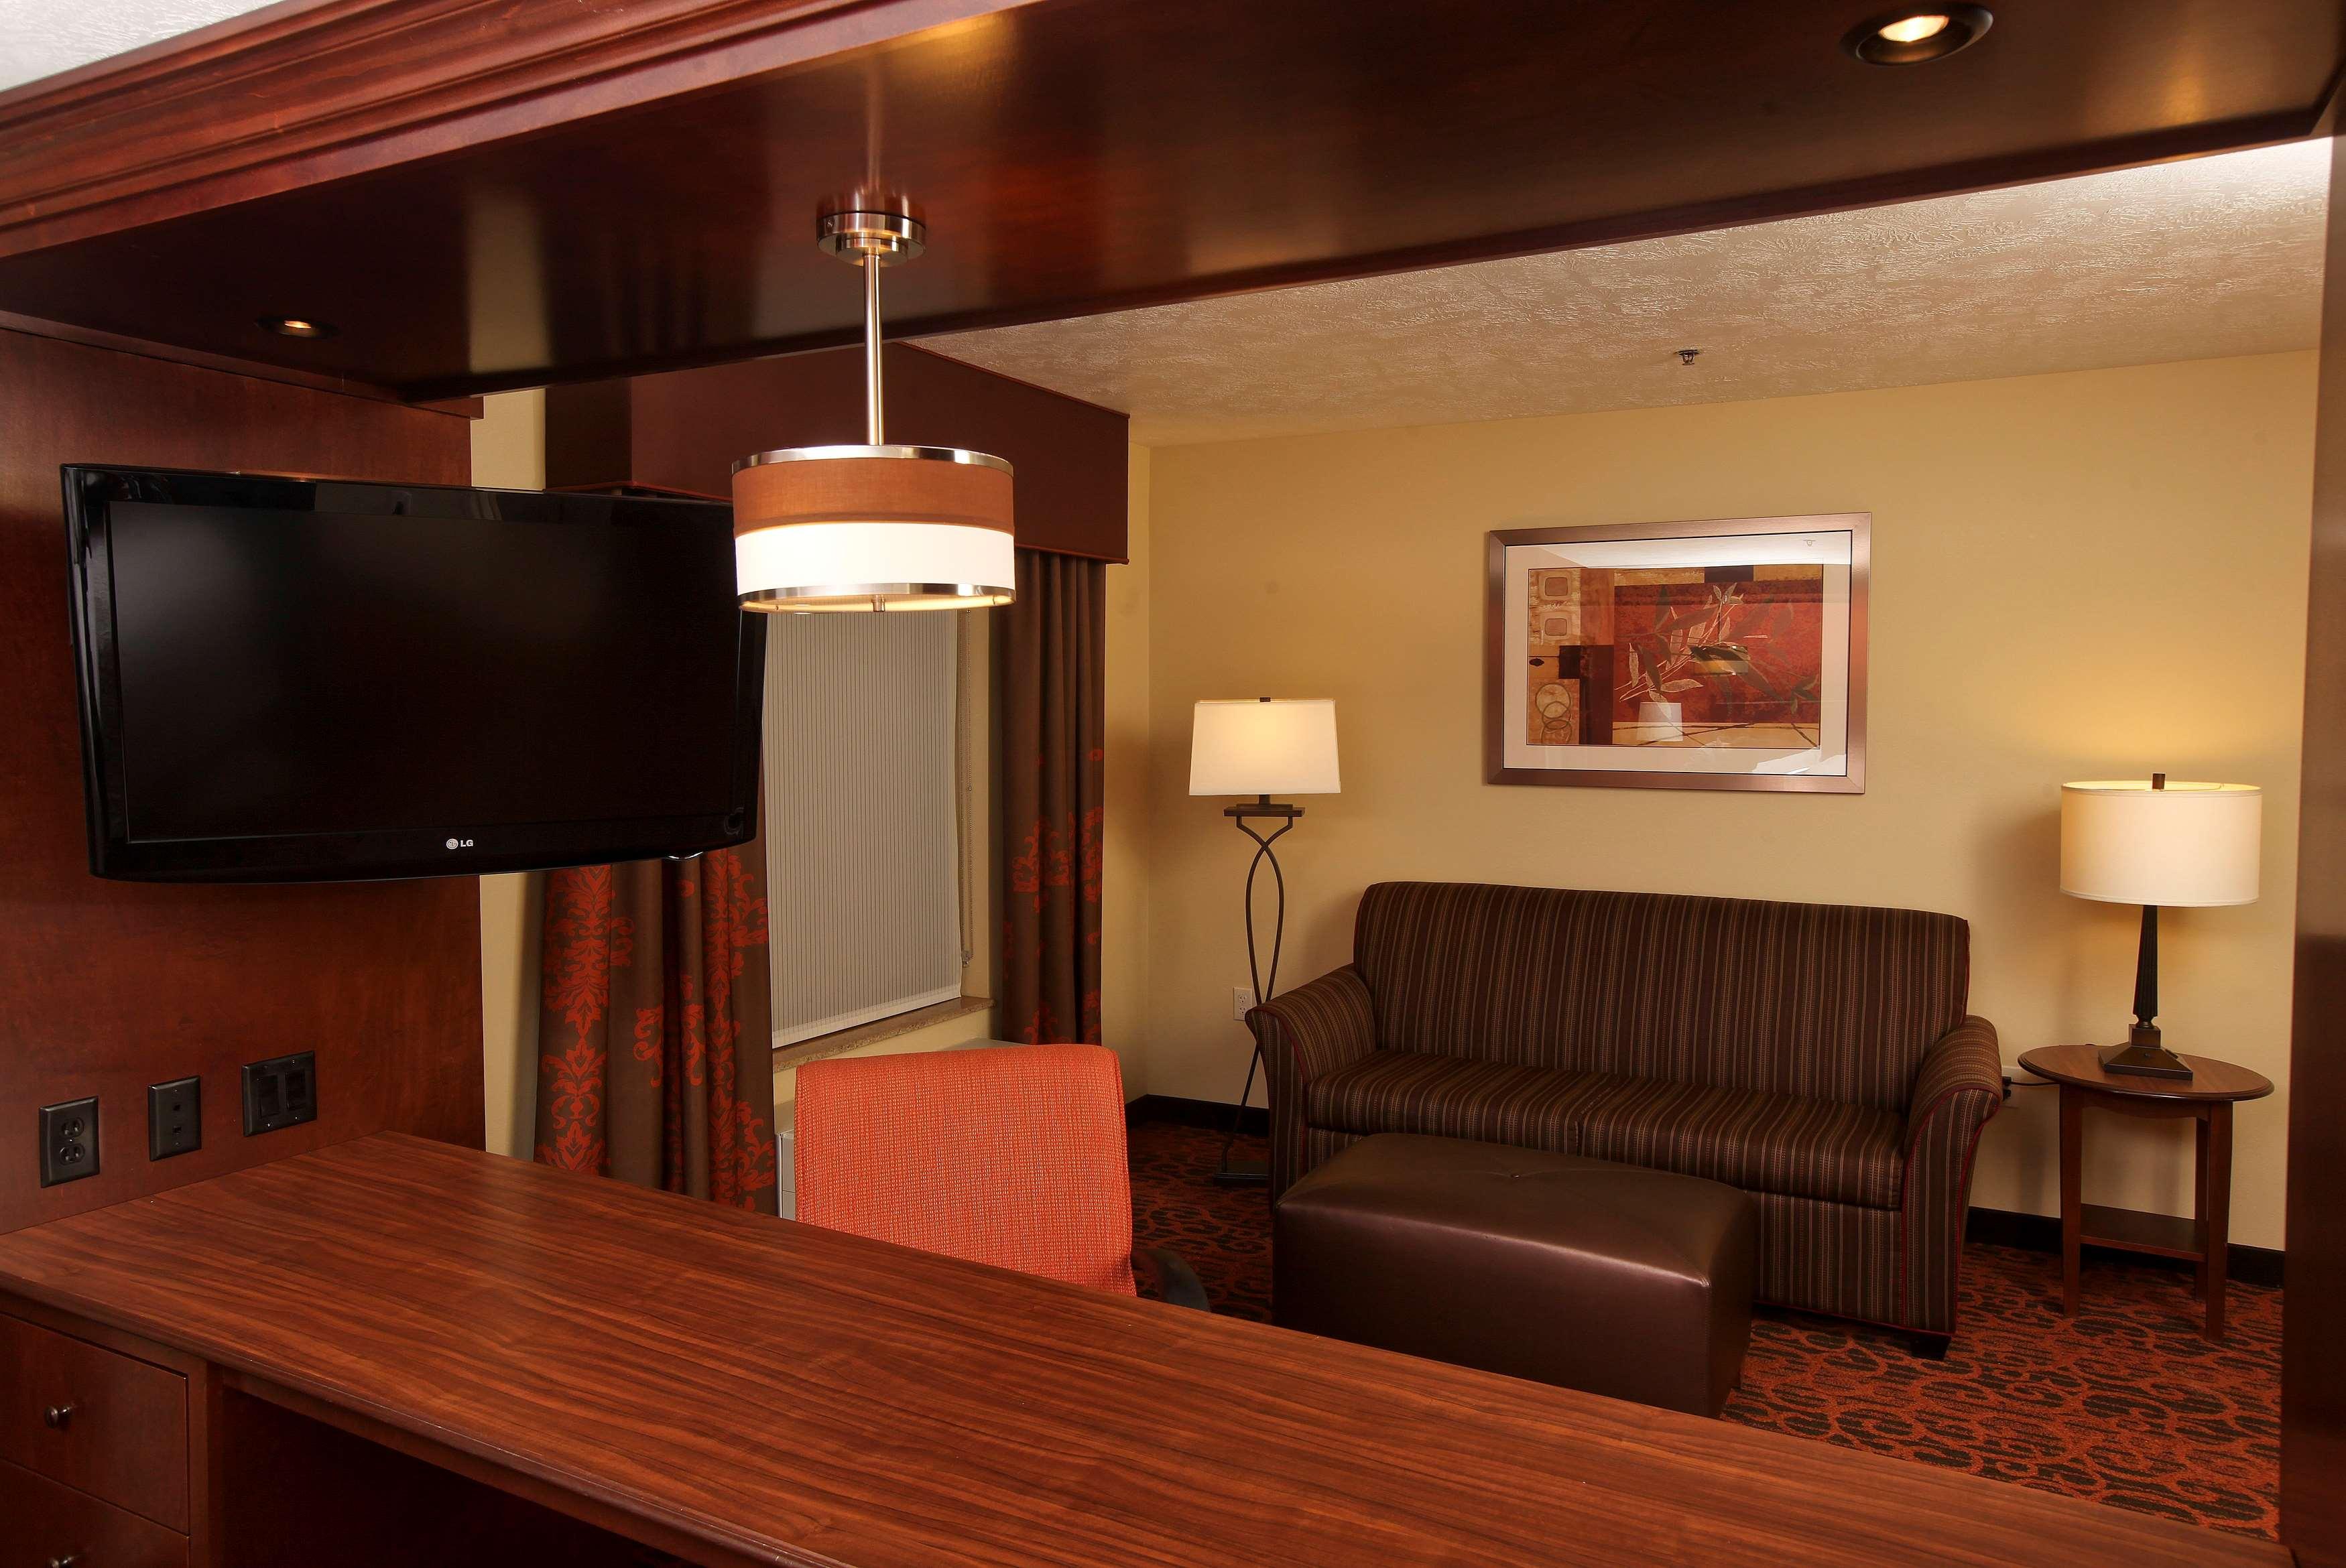 Hampton Inn & Suites Fargo image 24